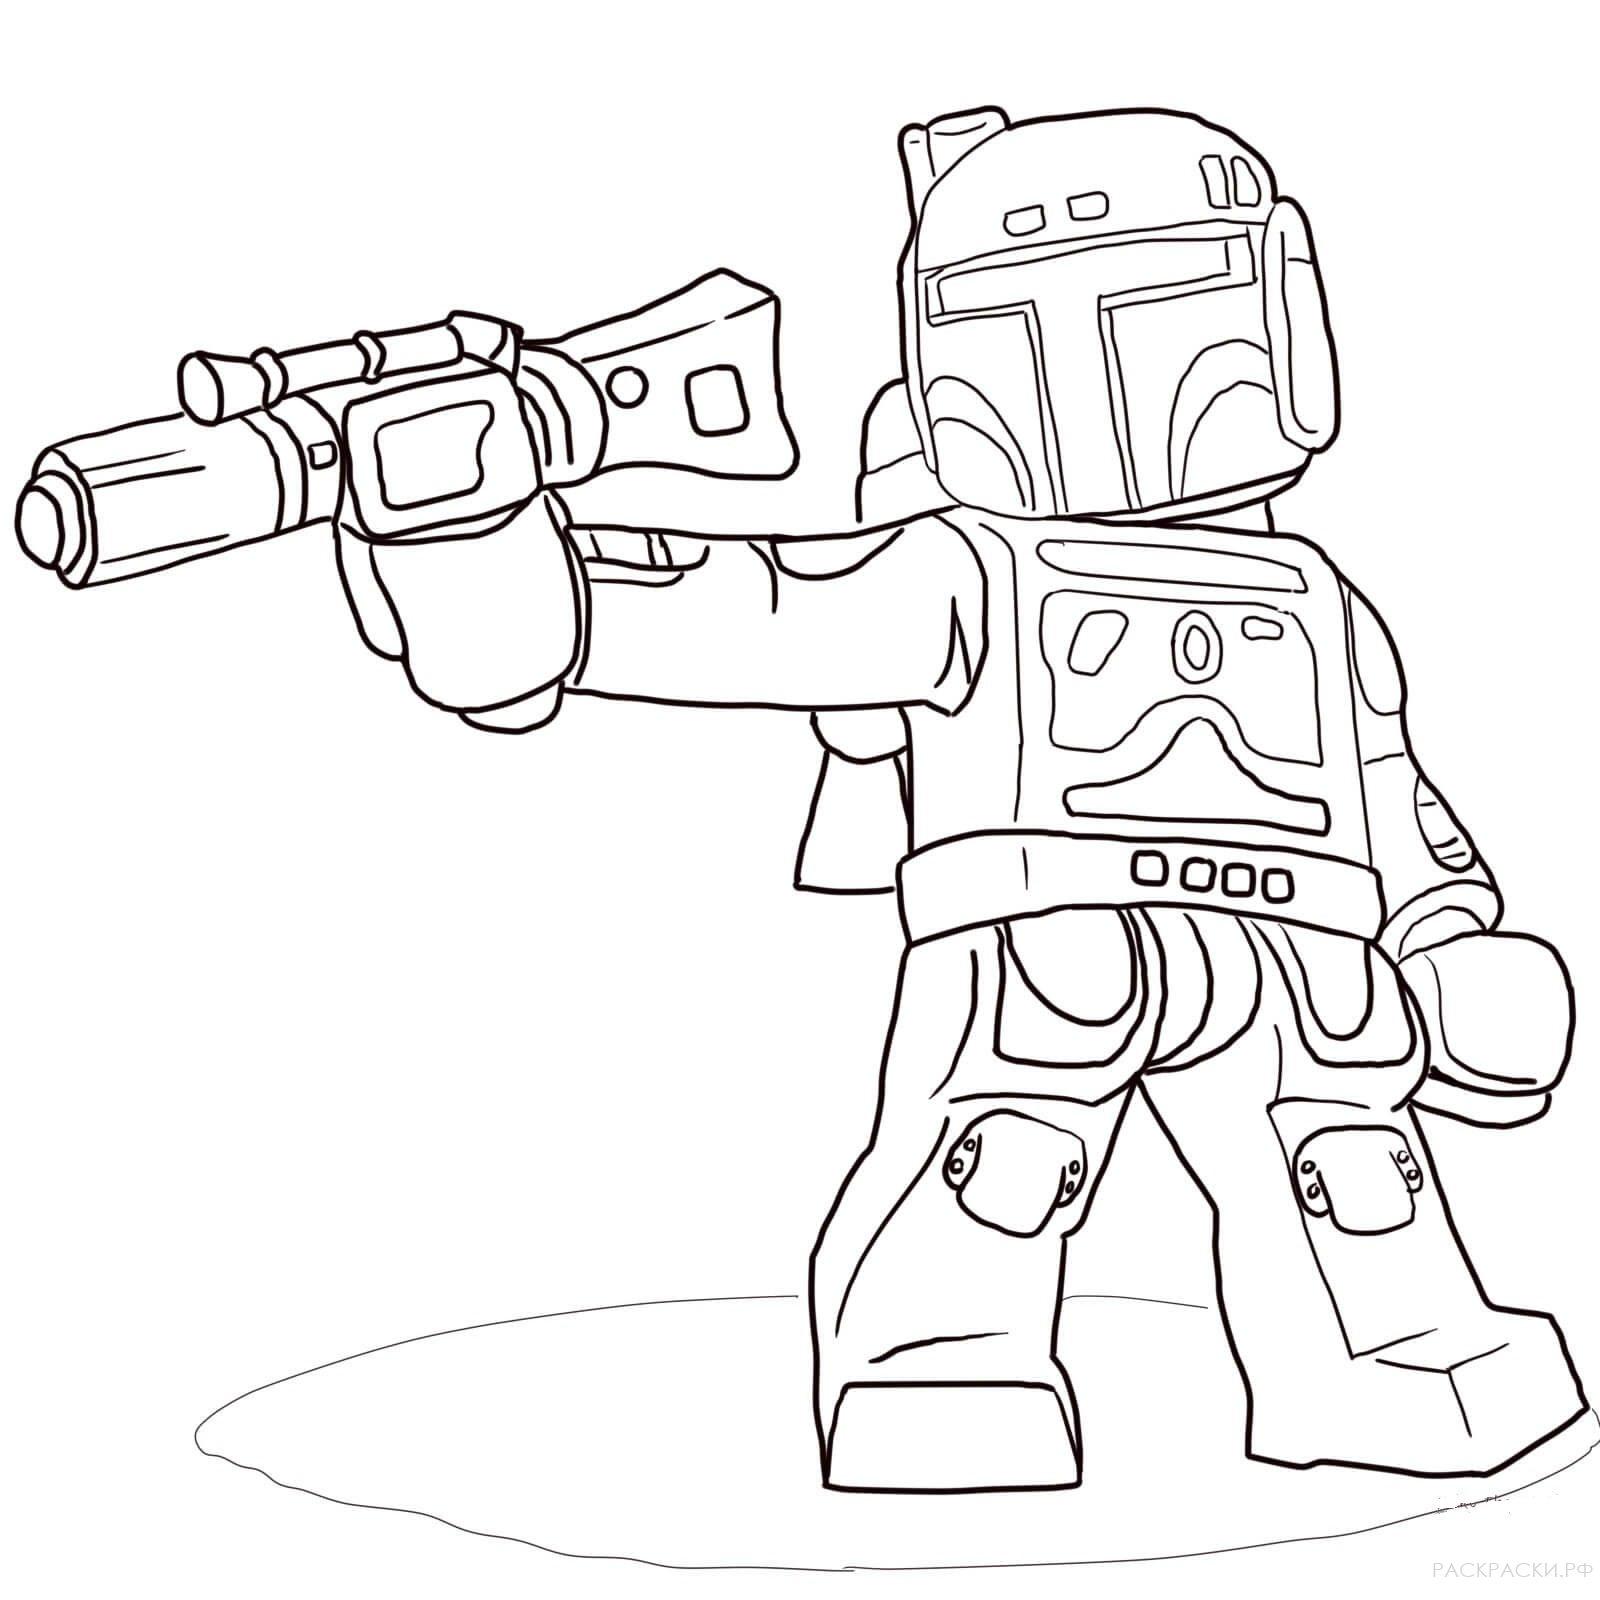 Раскраска Боба Фетт из Лего Звёздные войны